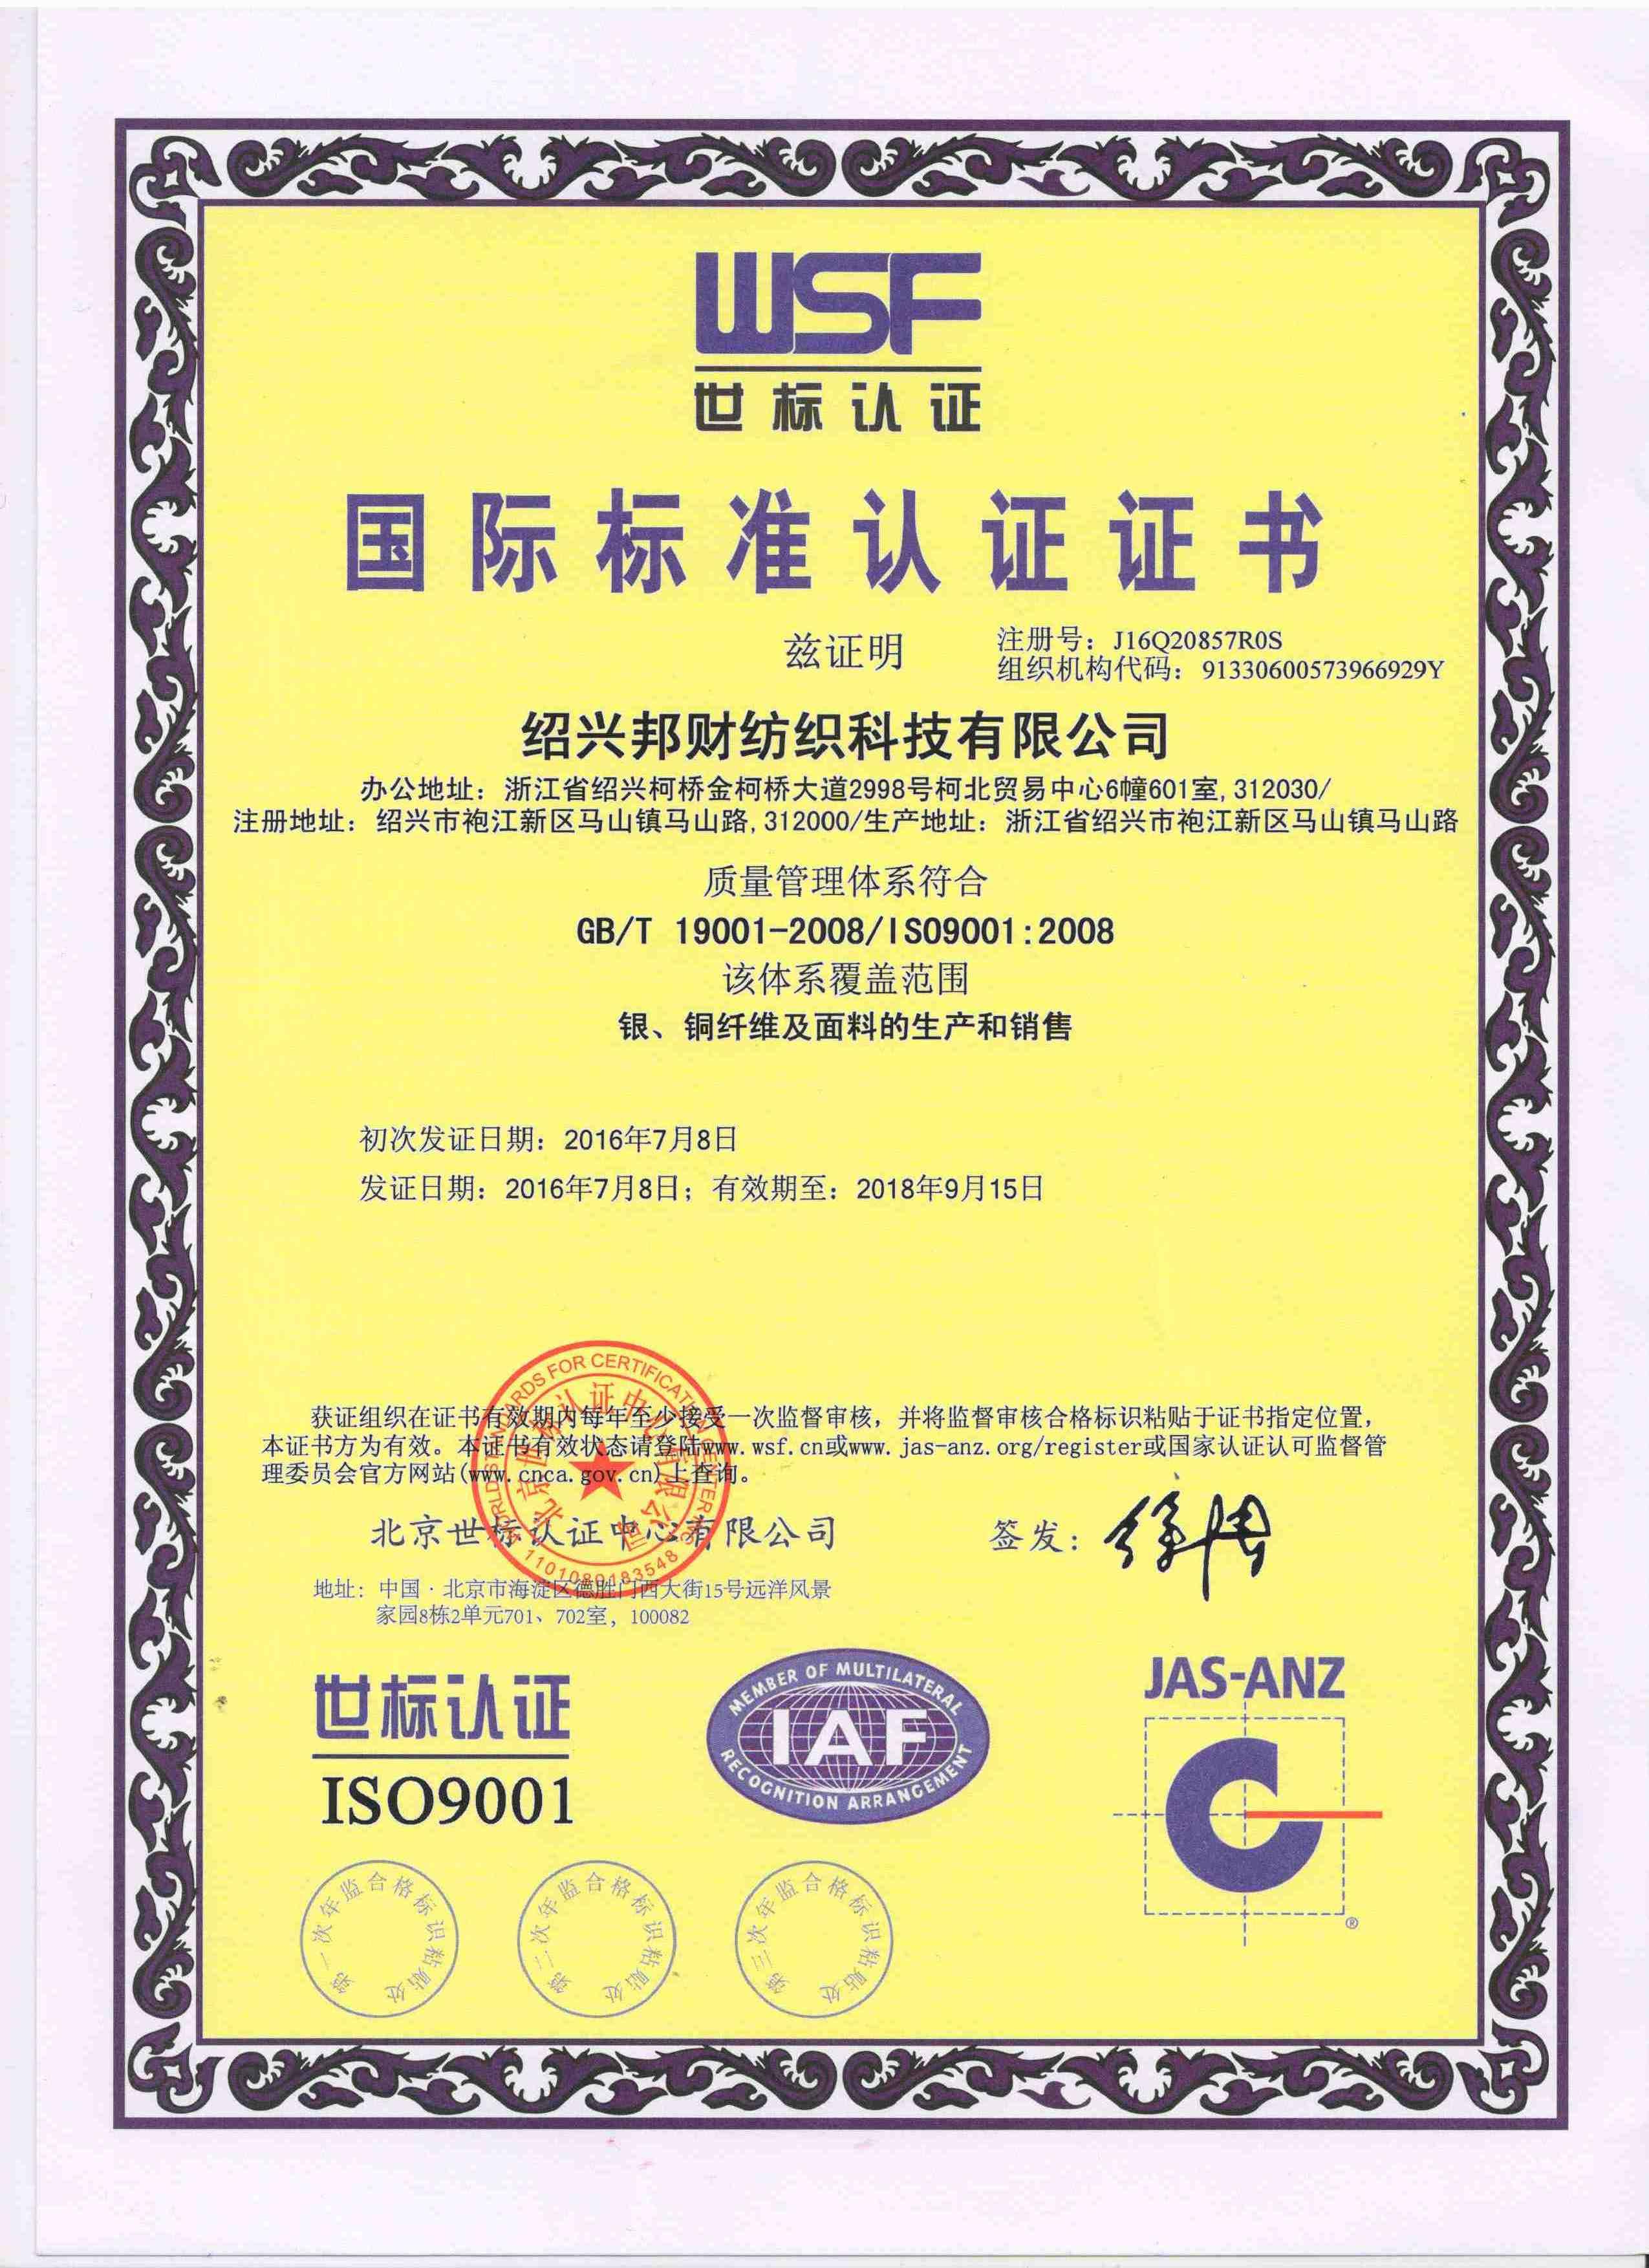 公司通過ISO9001認證